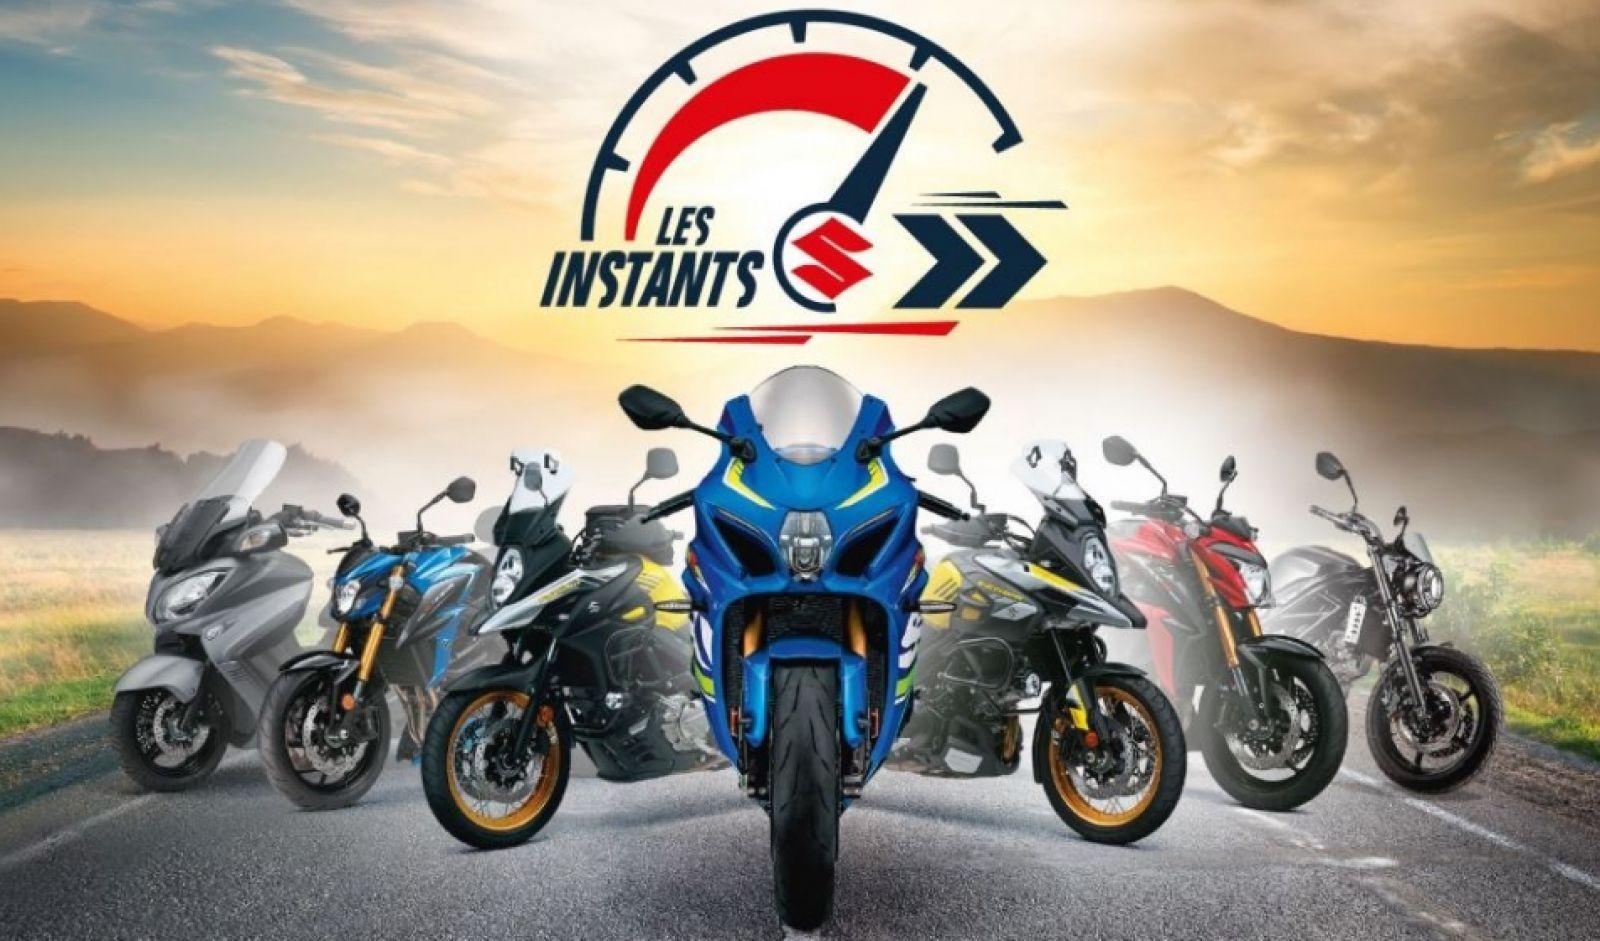 actualité - Rendez-vous chez Suzuki pour les Instants S - image d'illustration